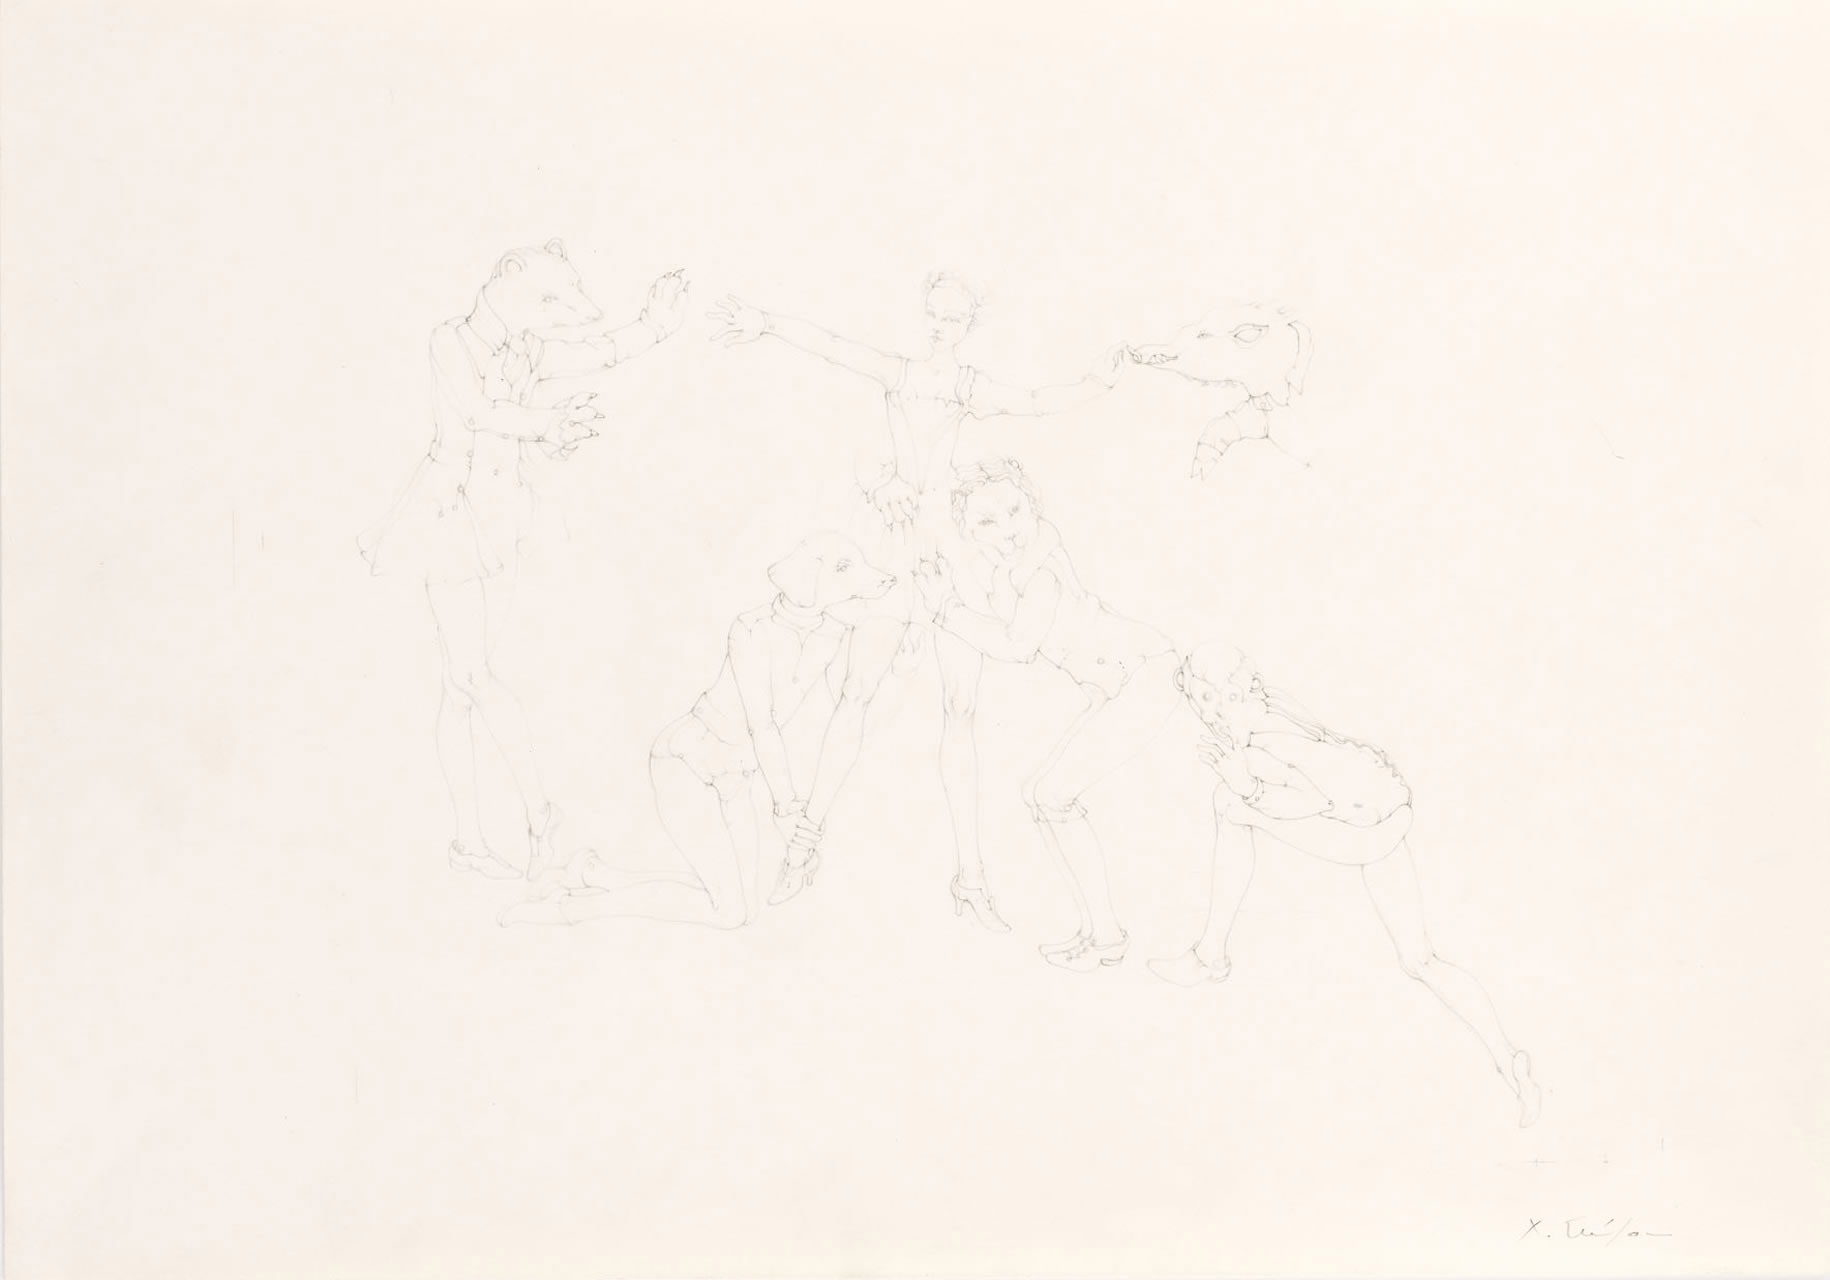 """<div class=""""artwork_caption""""><p>Oberon's Wish, 2008</p></div>"""